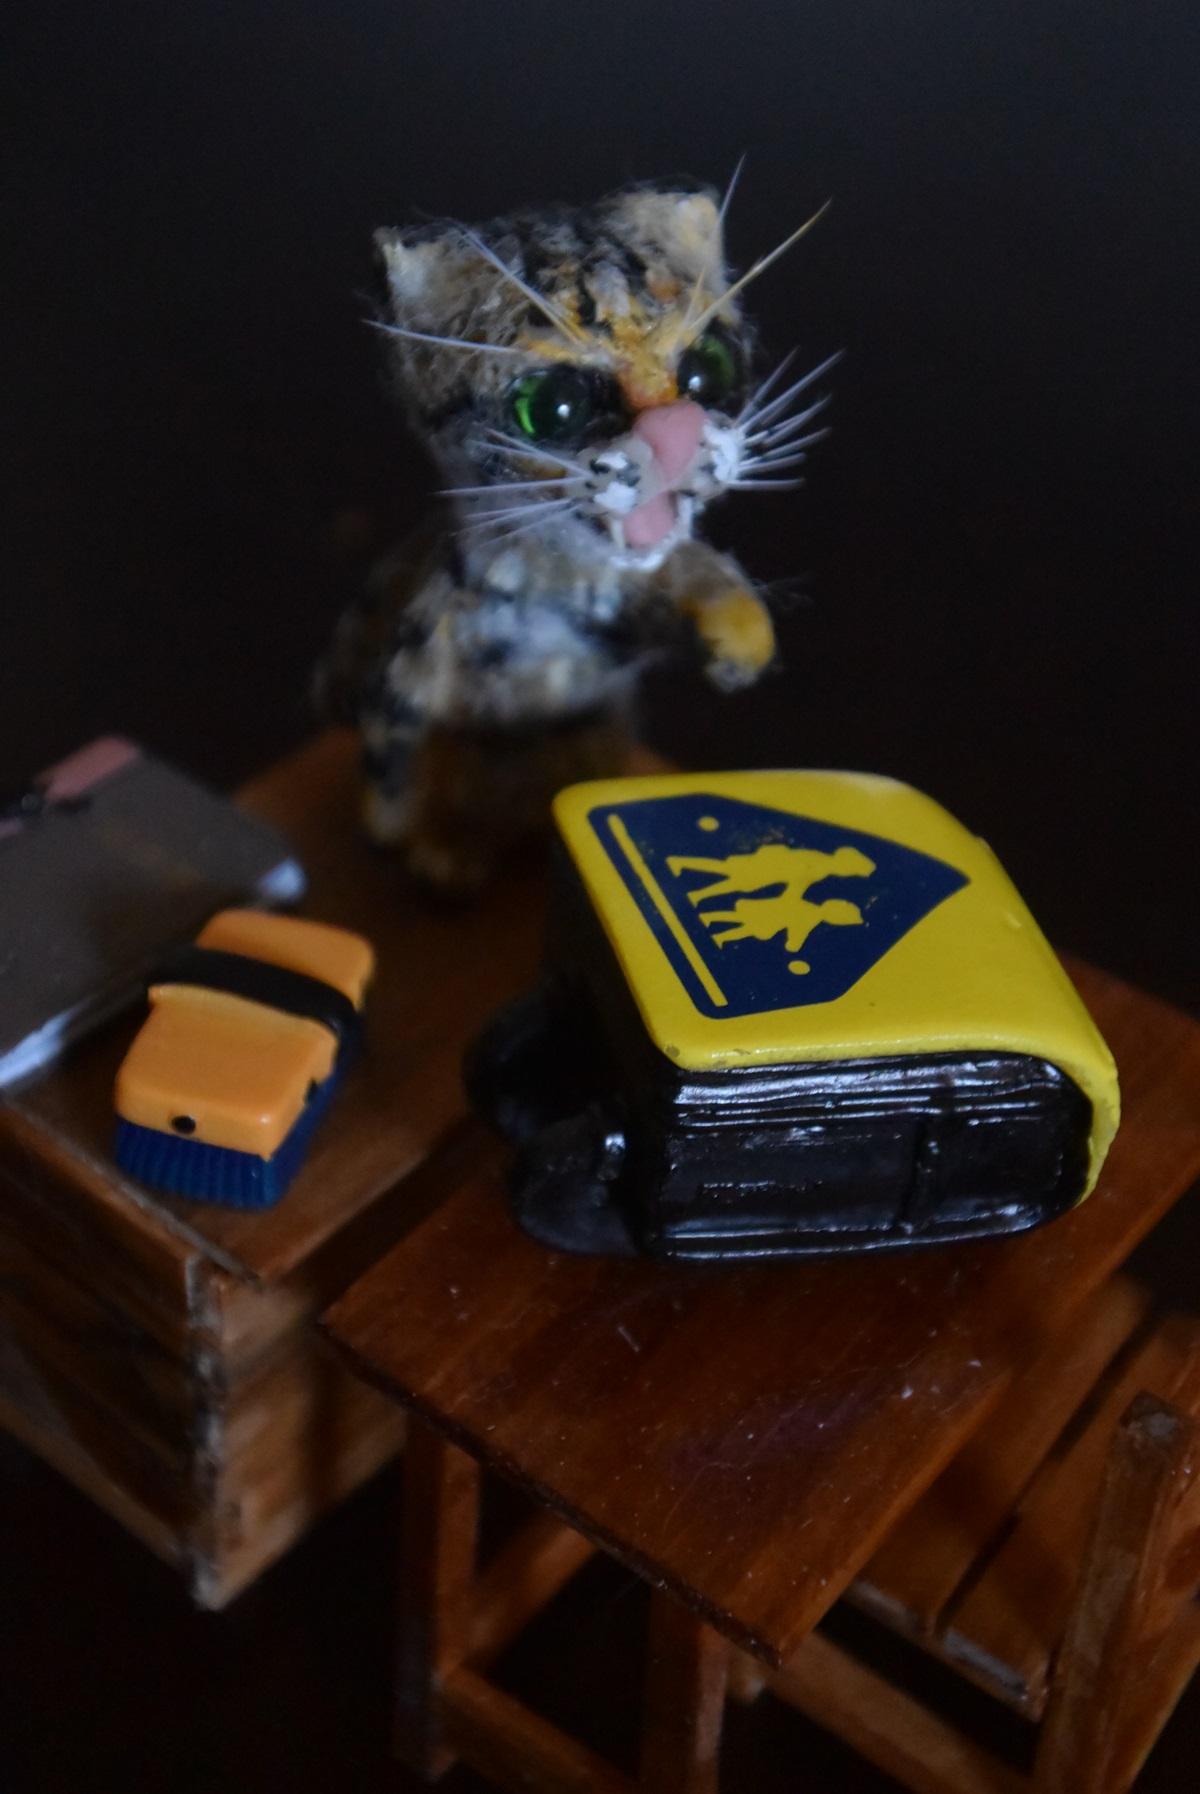 ミニチュア猫の先生とランドセル